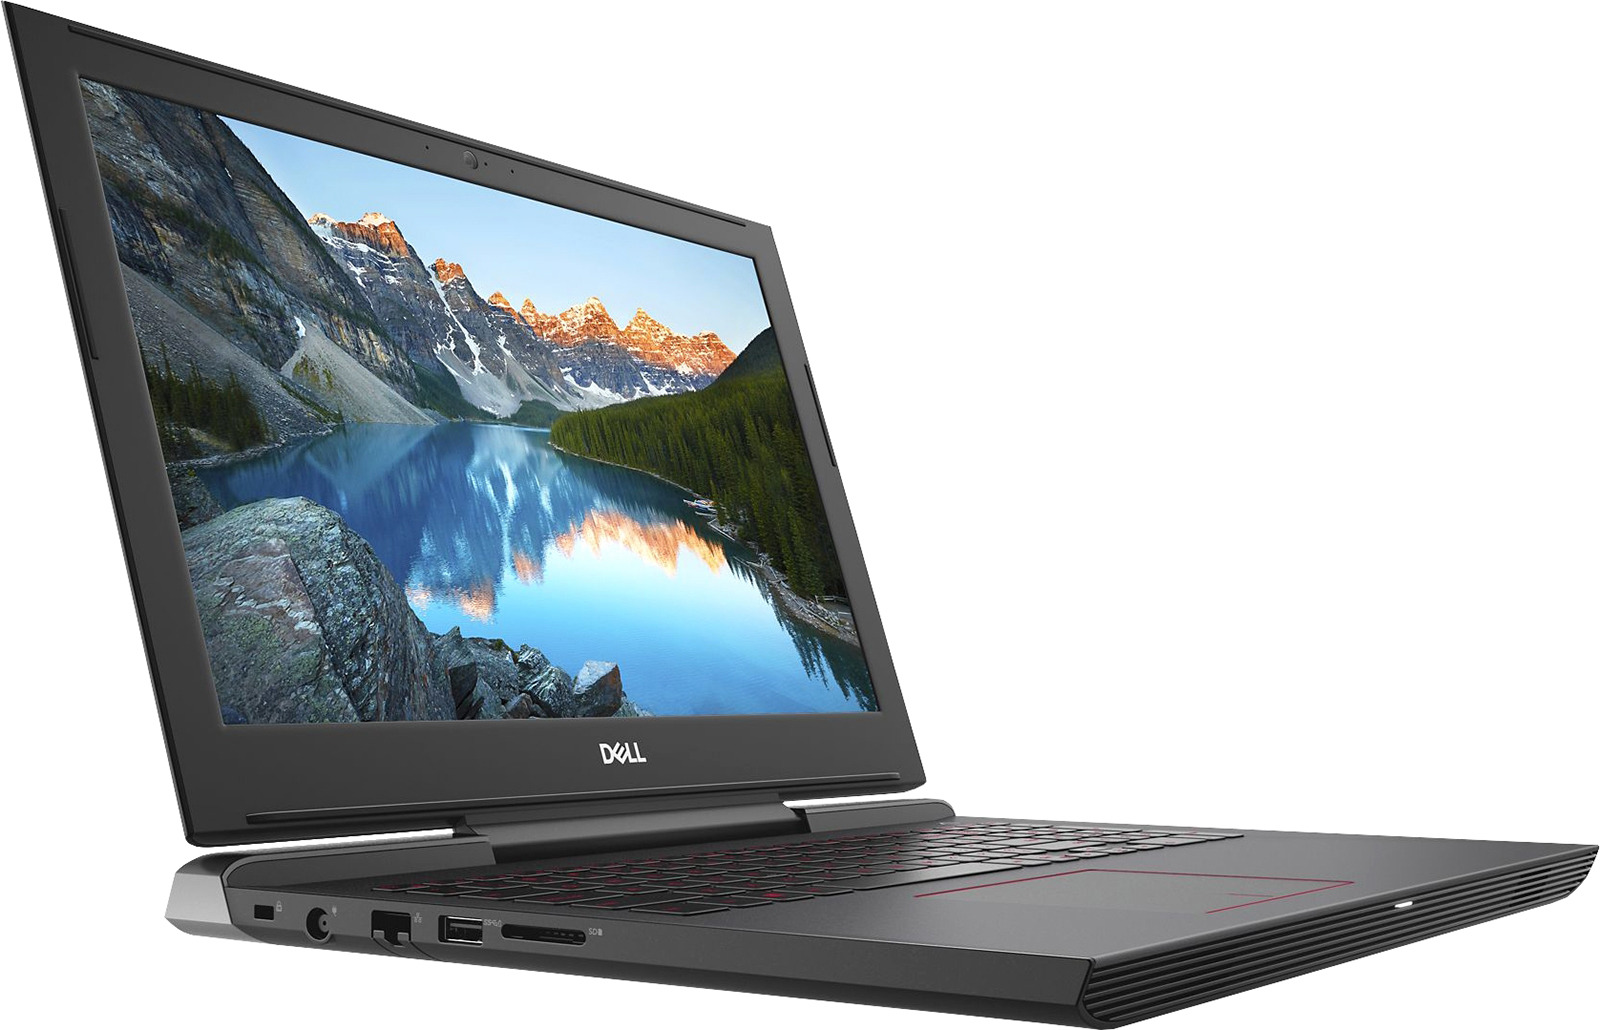 15.6 Игровой ноутбук Dell G5 5587 G515-7312, черный игровой ноутбук за 699 990 рублей